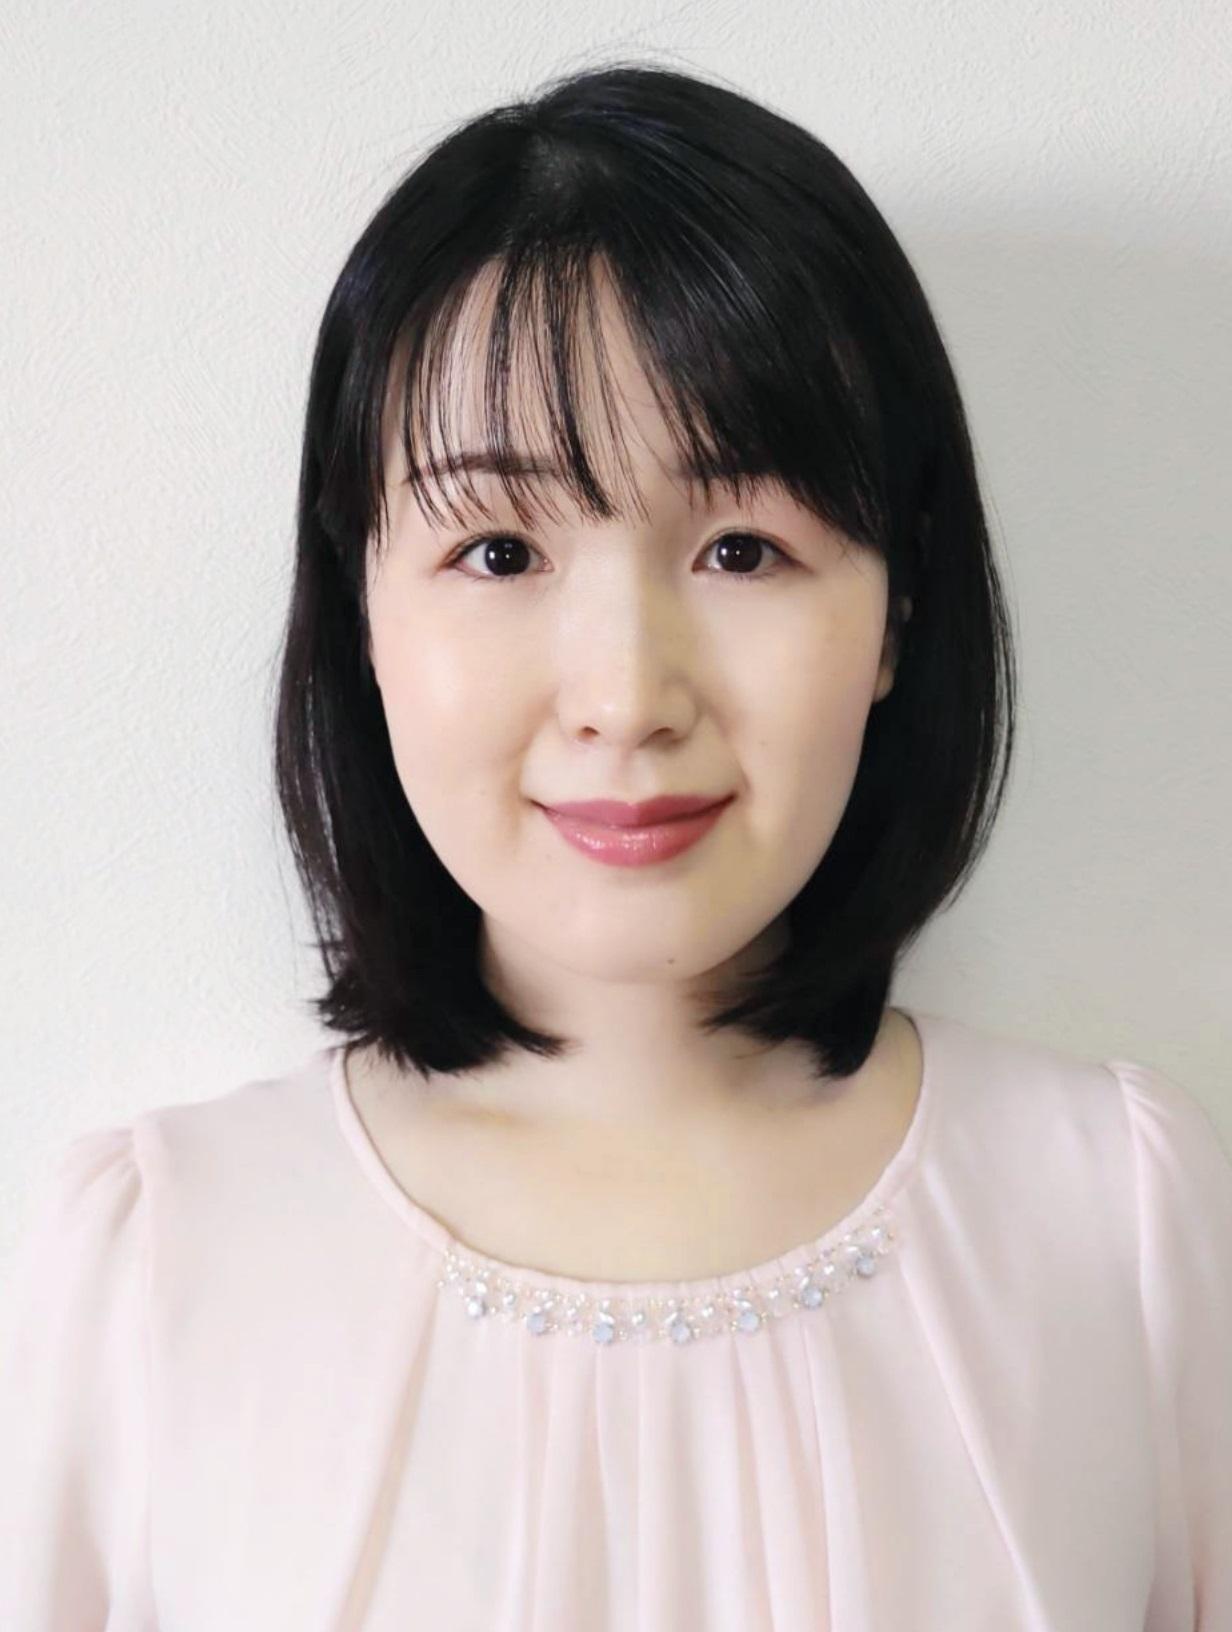 小野 綾子|プロ棋士|一般財団法人関西棋院